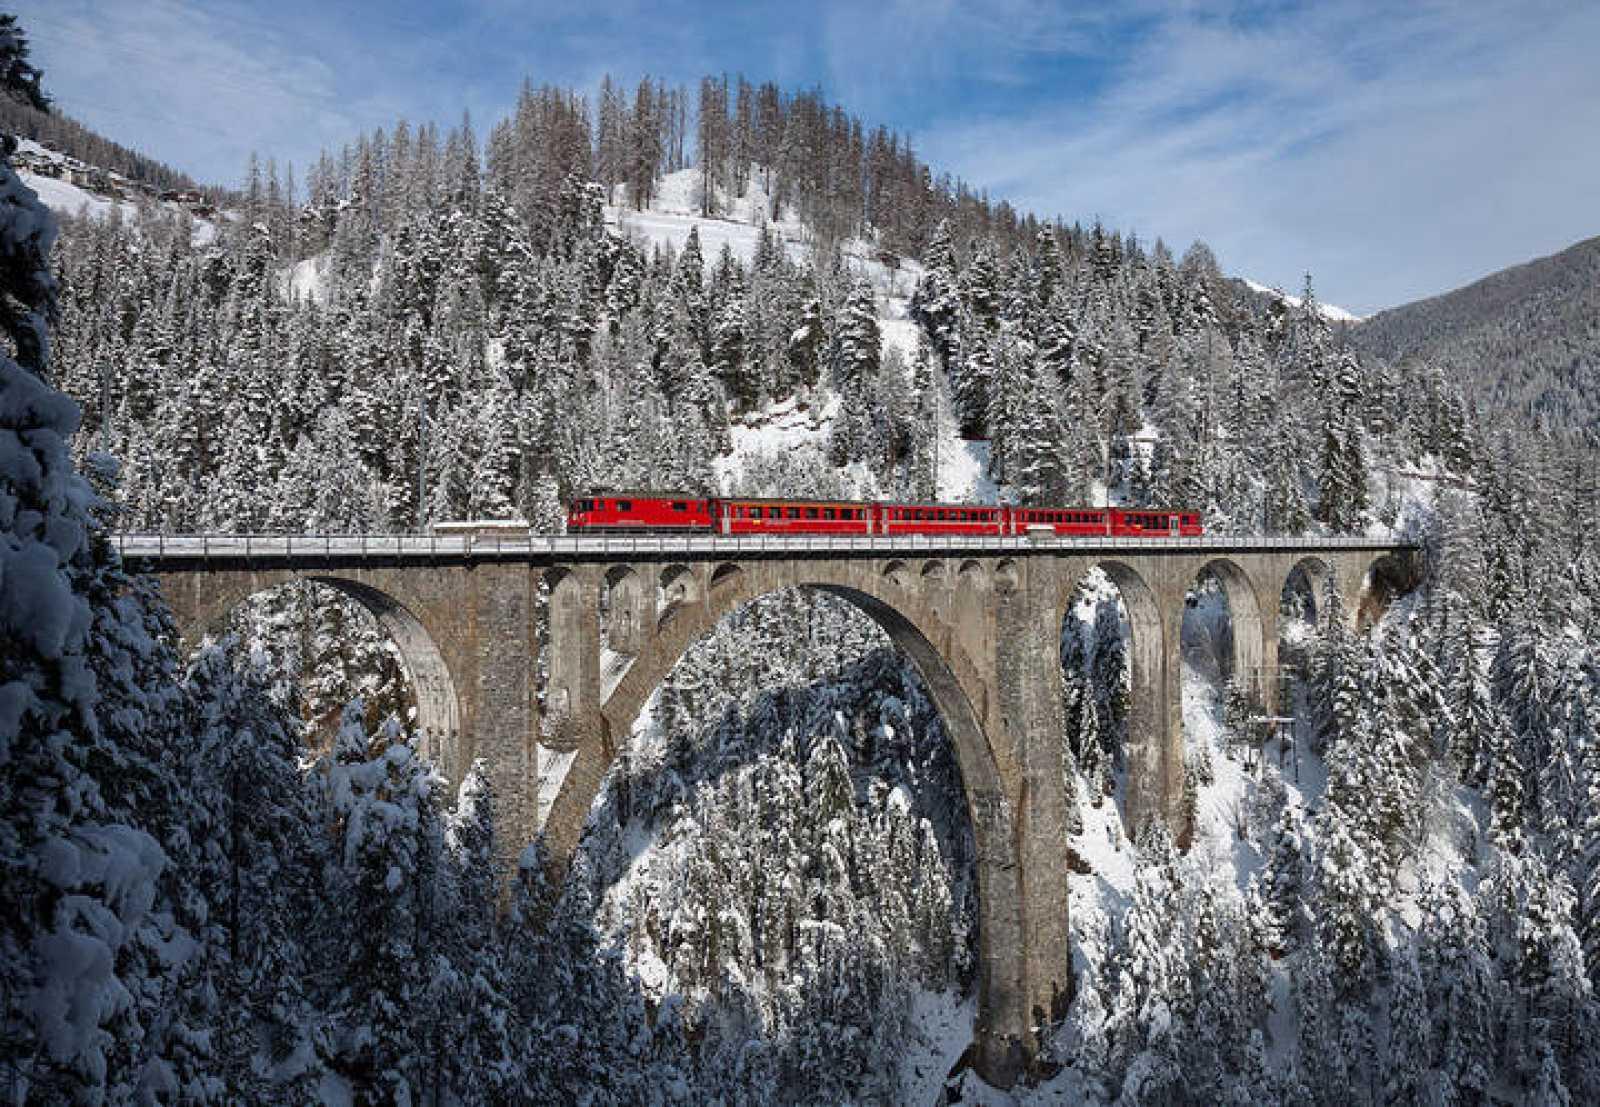 Fotografía ganadora a nivel internacional en la edición de 2013 de Wiki Loves Monuments. Viaducto de Wiesen, Suiza.